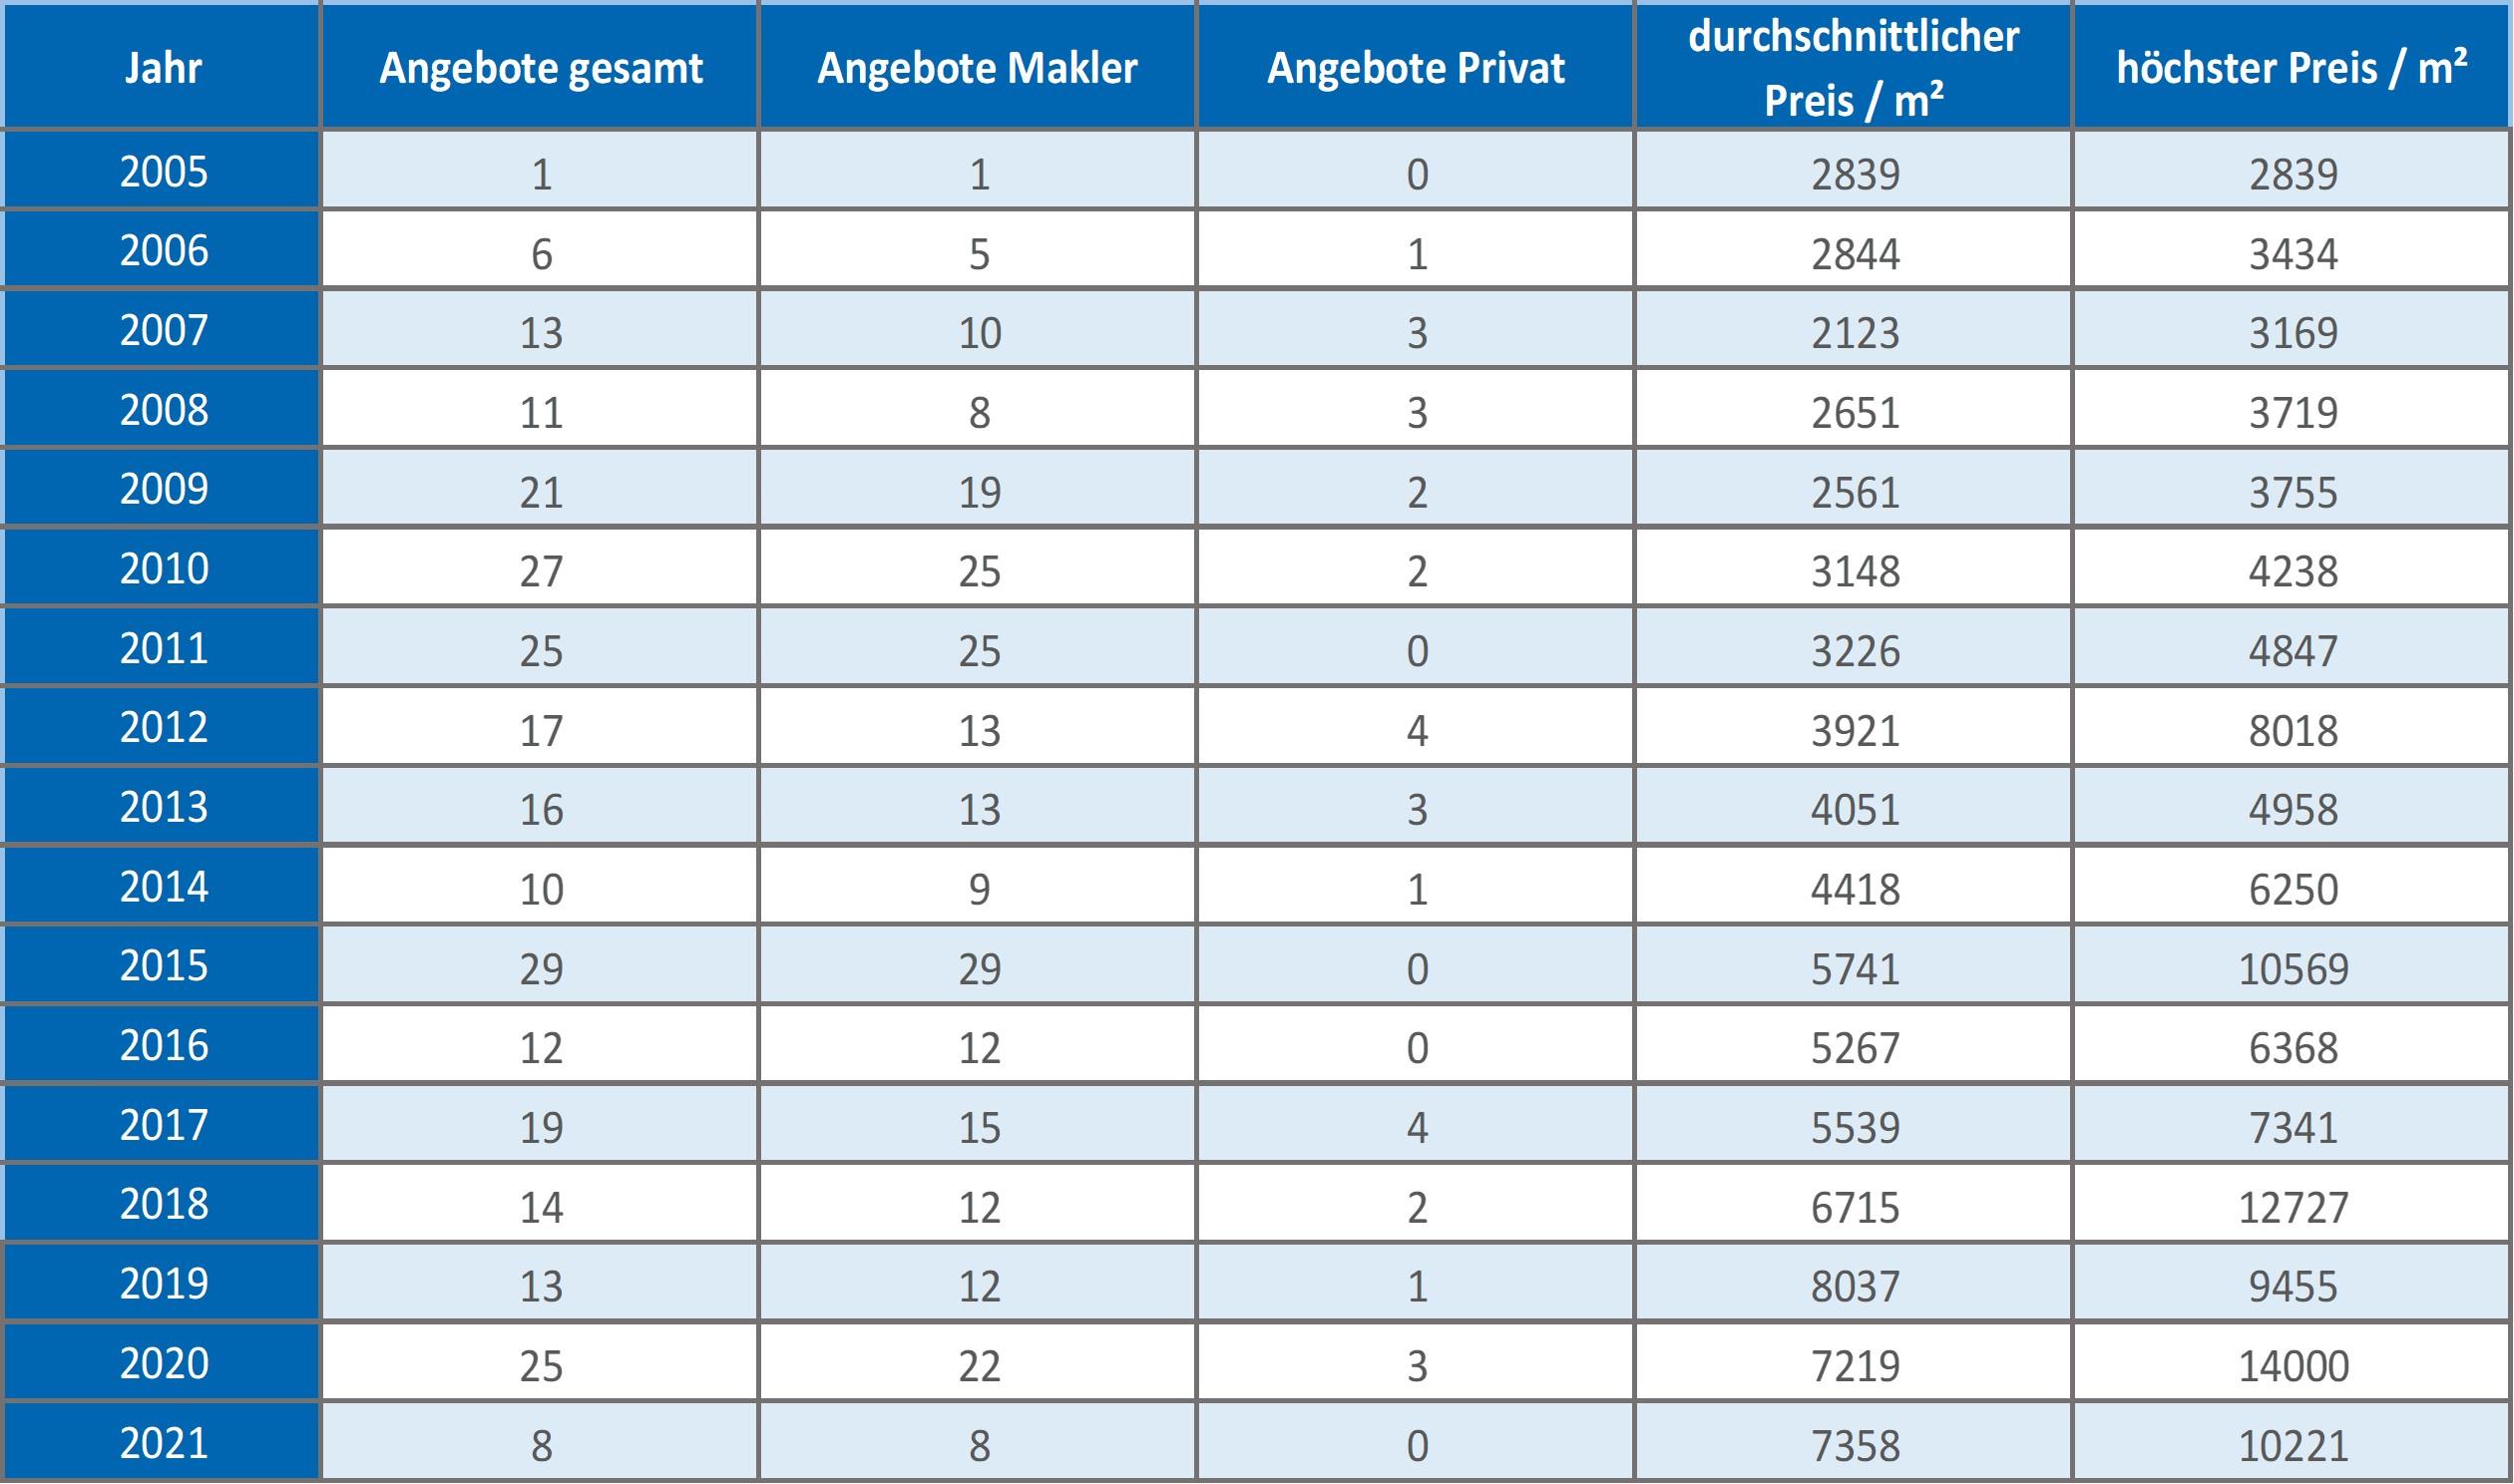 München - Aubing Mehrfamilienhaus kaufen verkaufen Preis Bewertung Makler 2019 2020 2021 www.happy-immo.de